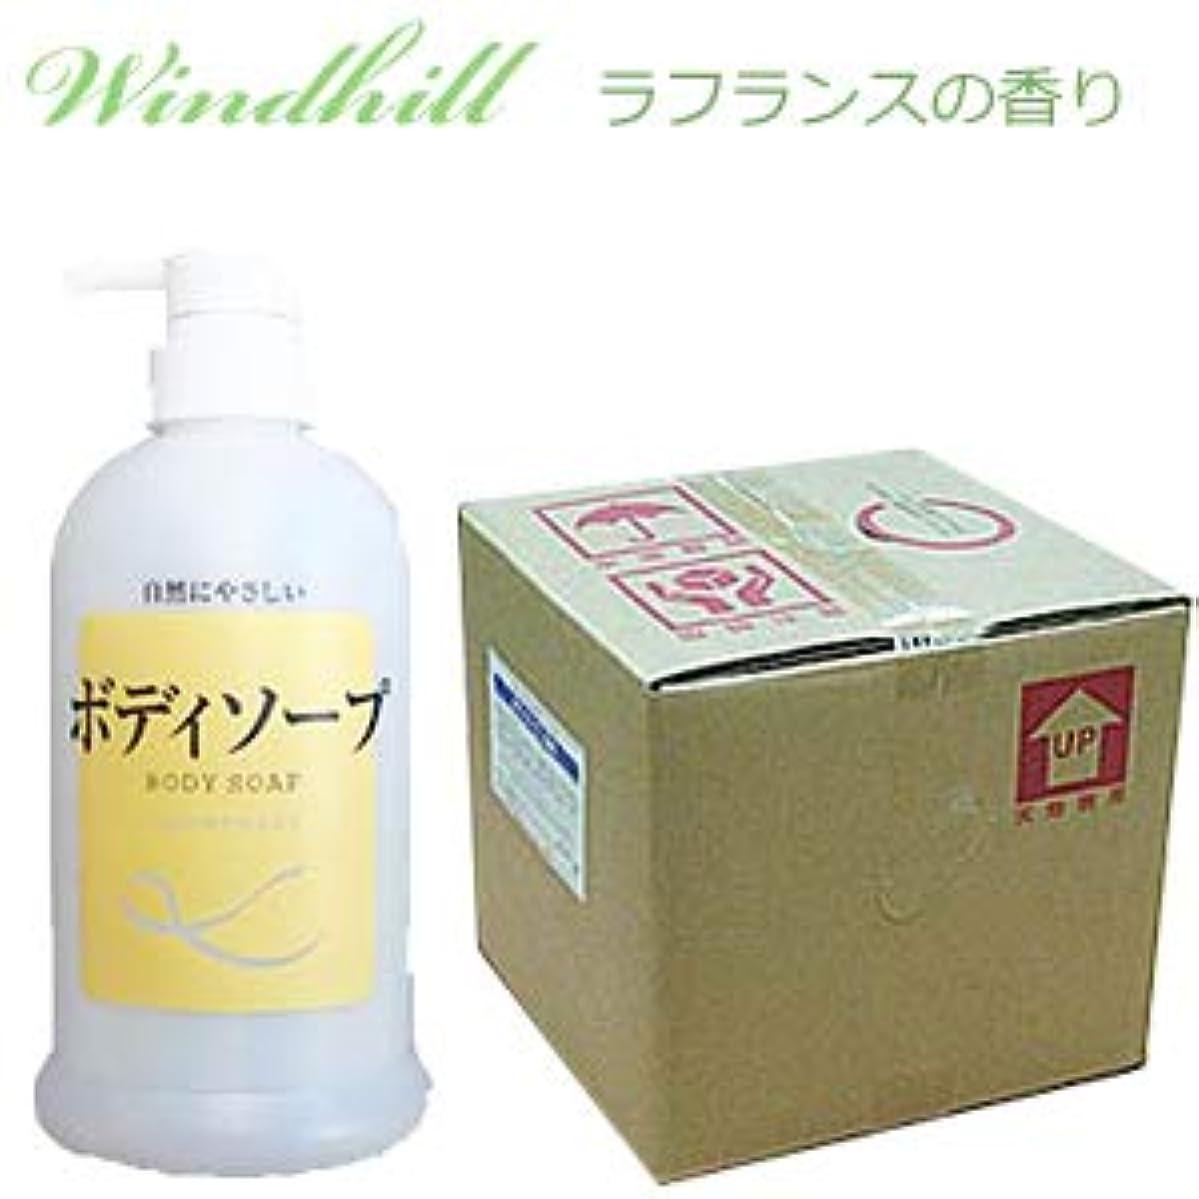 グレード幼児計算可能なんと! 500ml当り173円 Windhill 植物性 業務用 ボディソープ  爽やかなラフランスの香り 20L